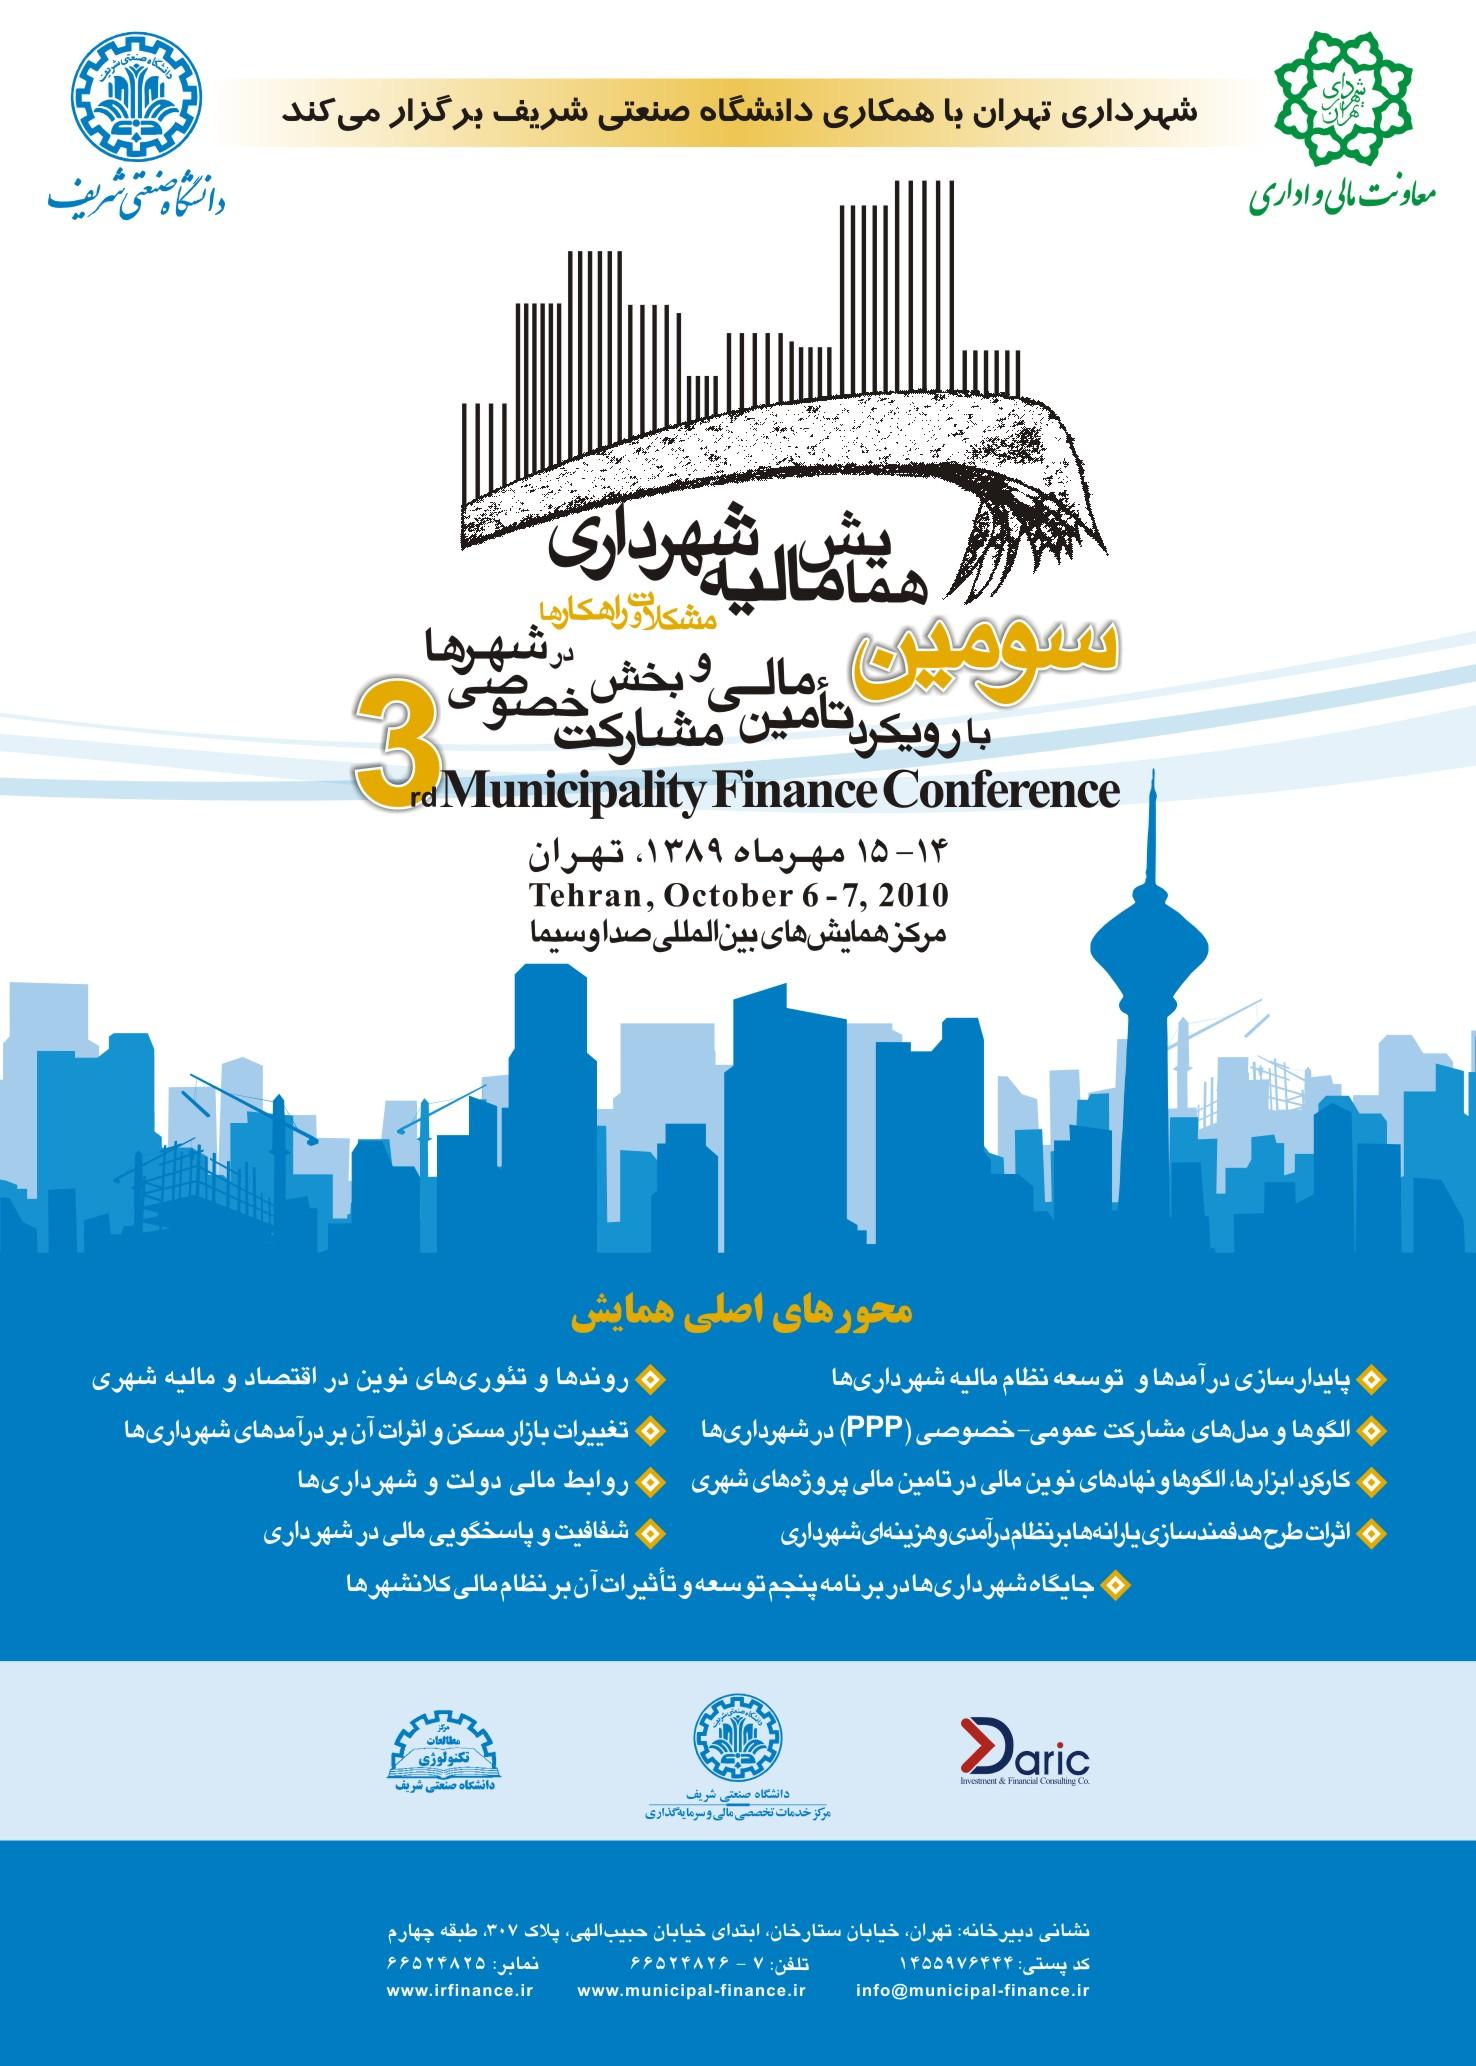 سومین همایش مالیه شهرداری، مشکلات و راهکارها